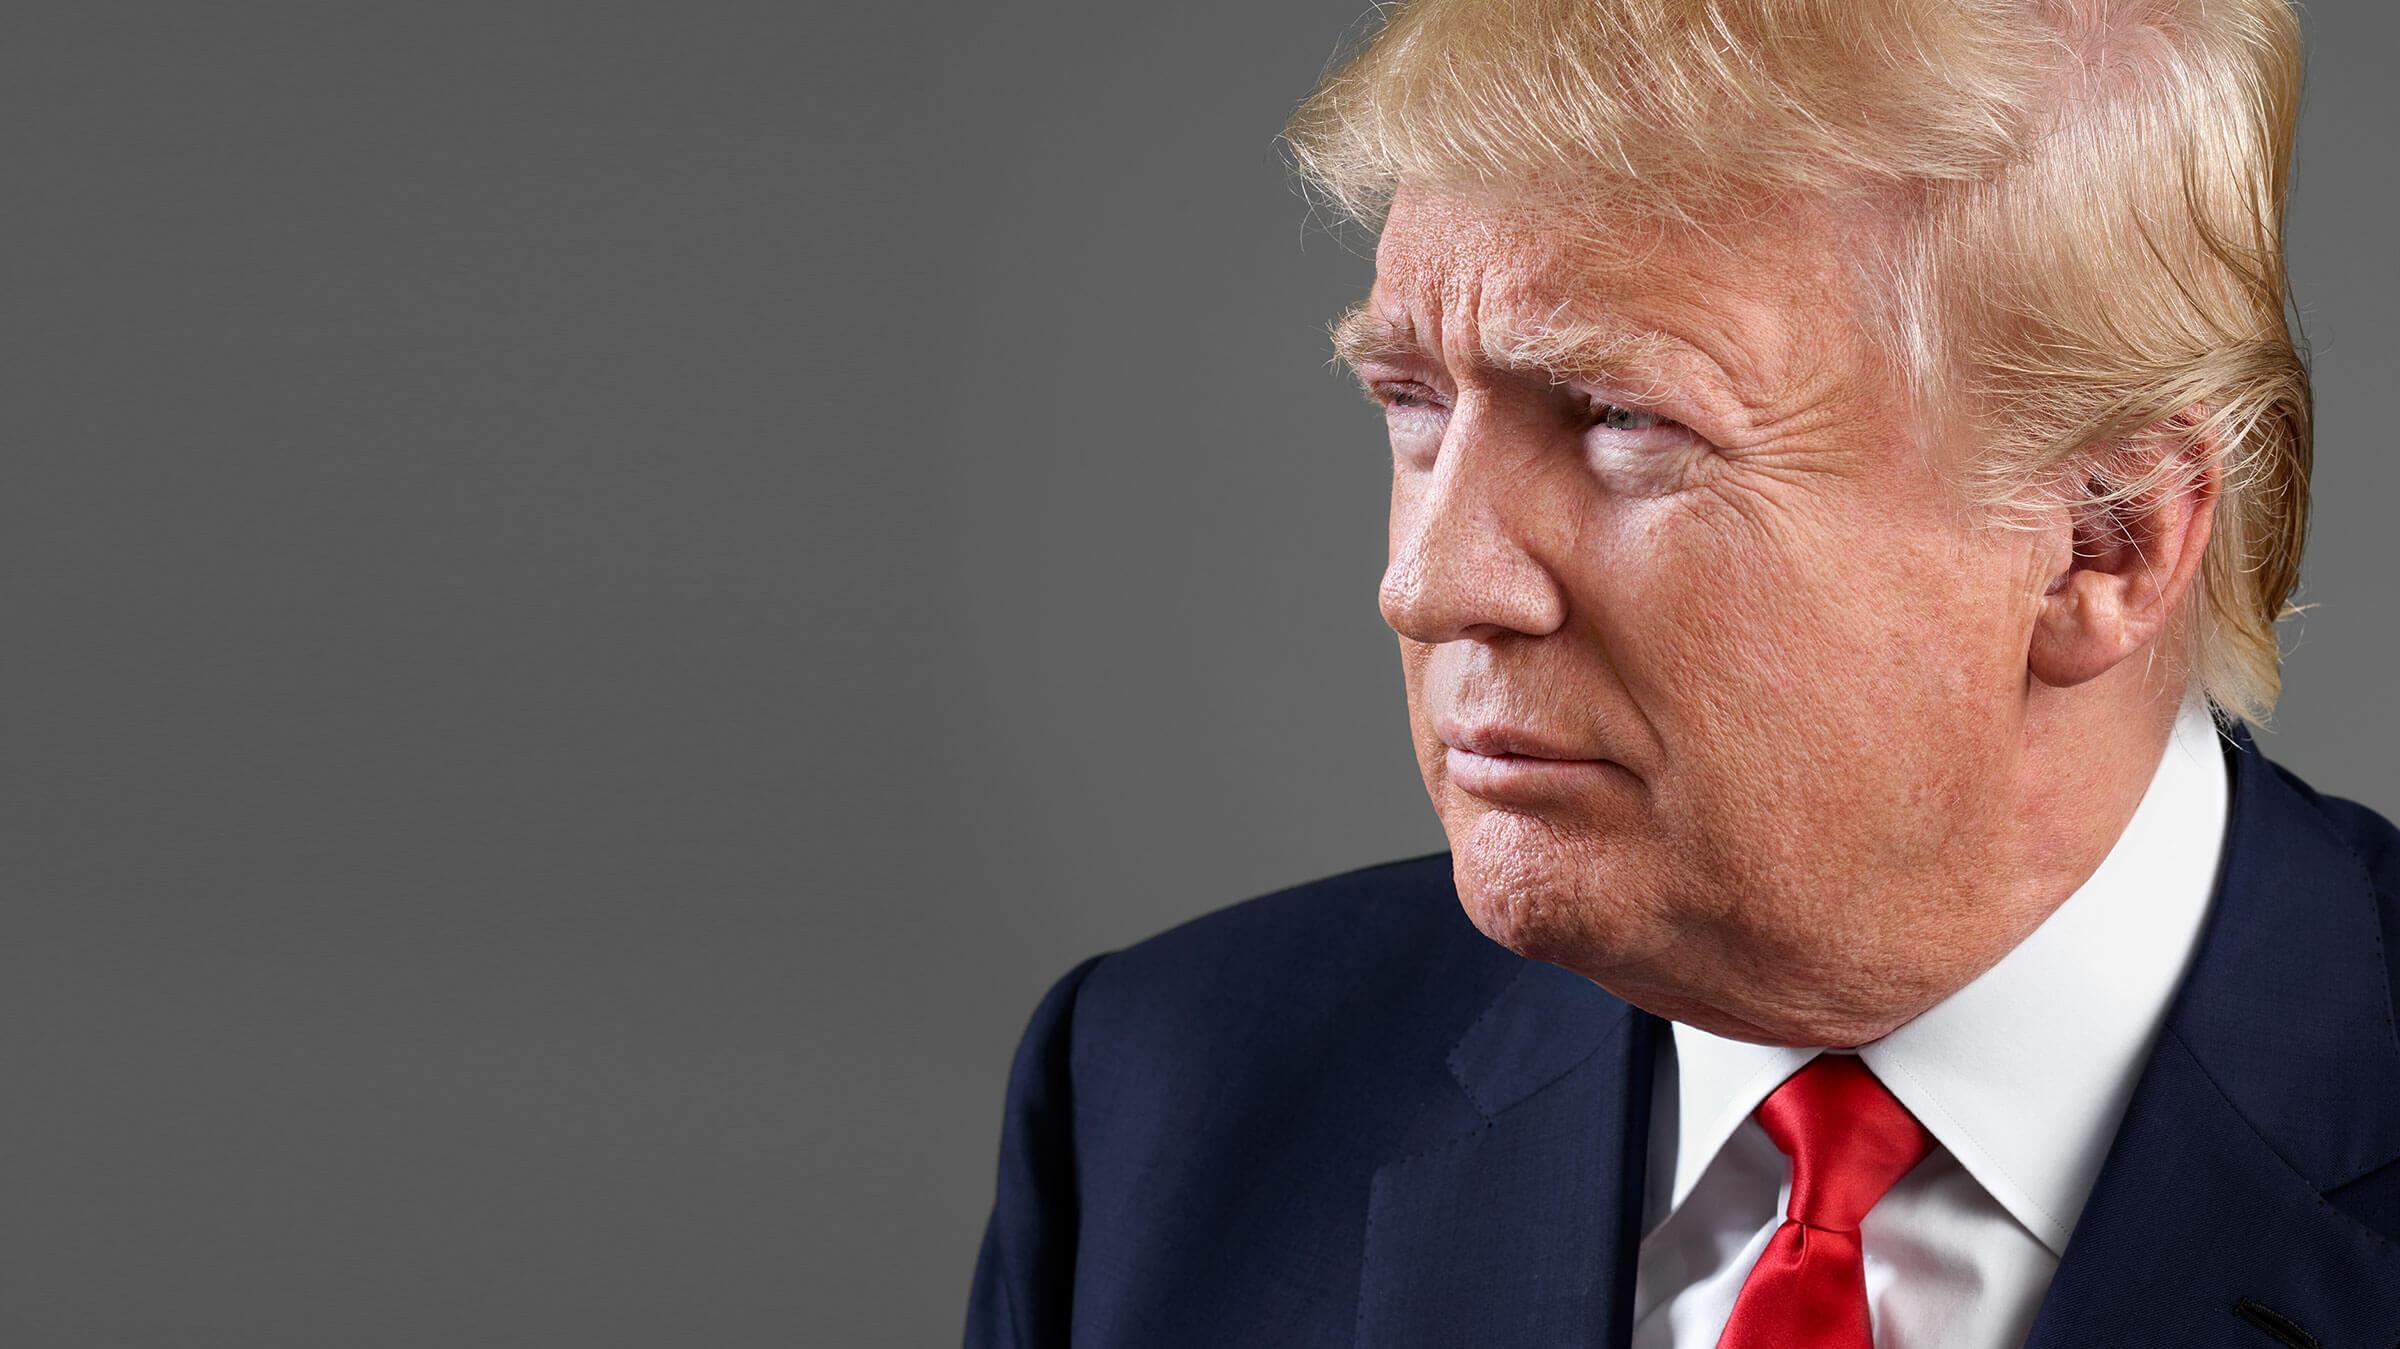 Donald Trump / time.com